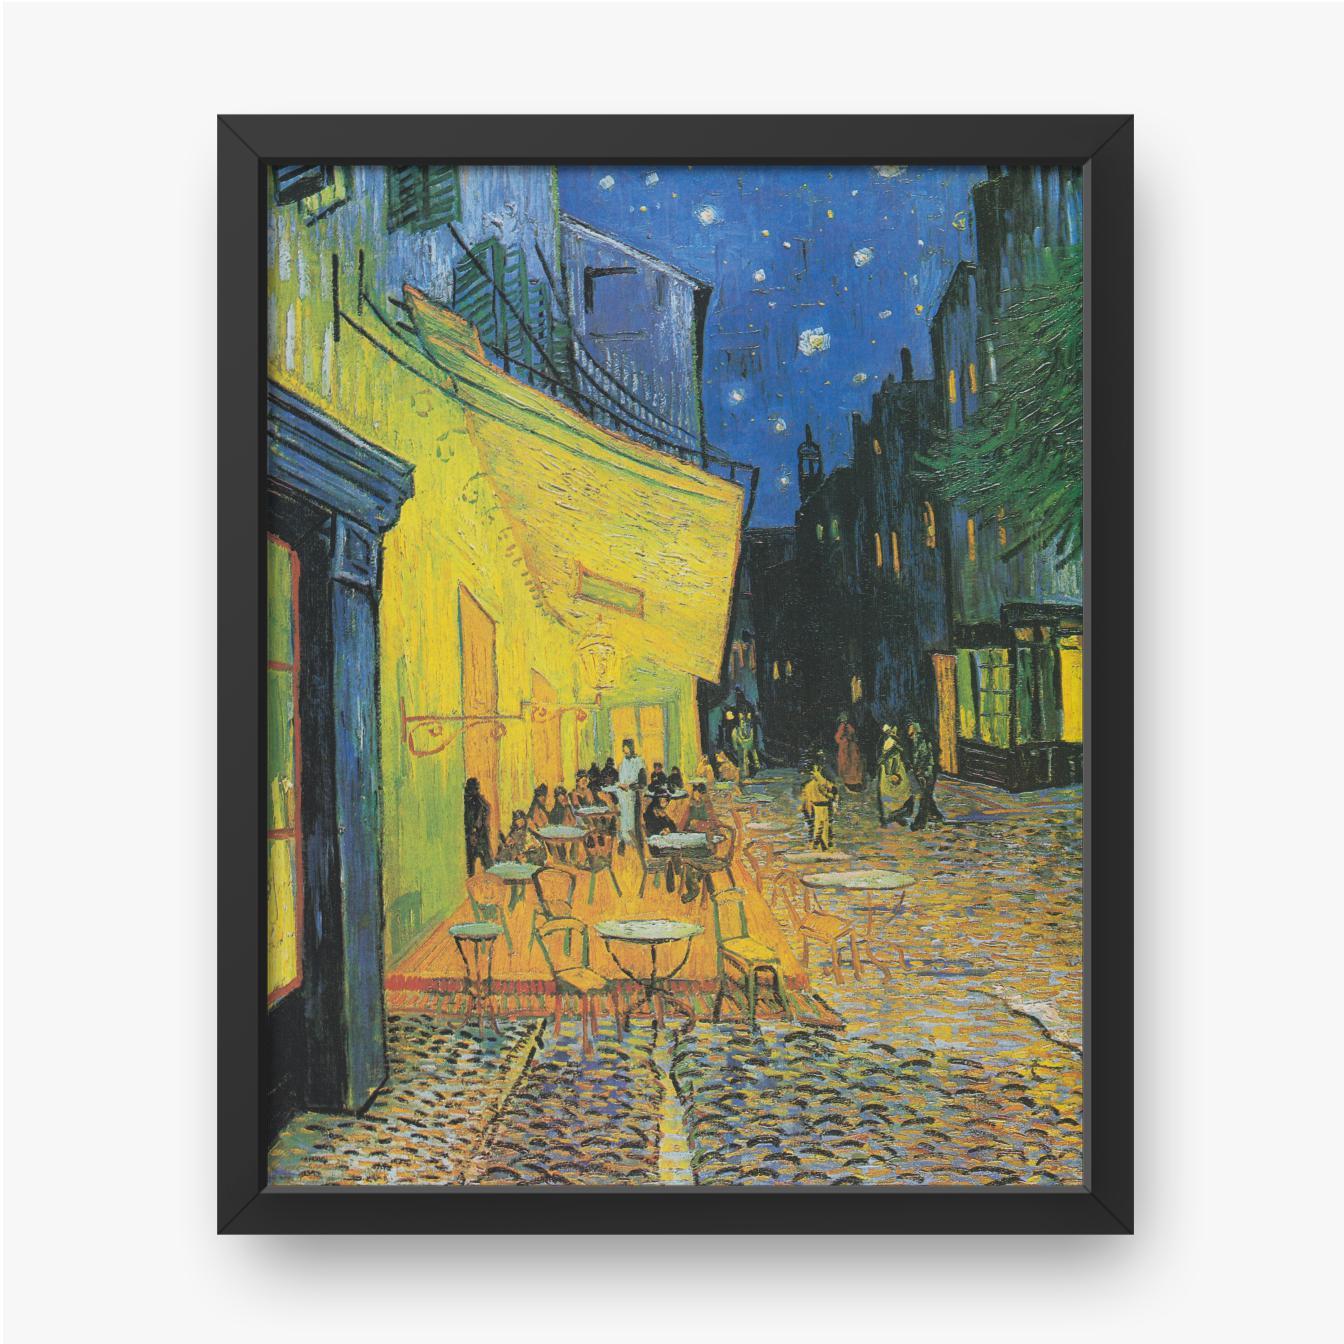 Vincent van Gogh, Cafe Terrasse in der Nacht, 1888